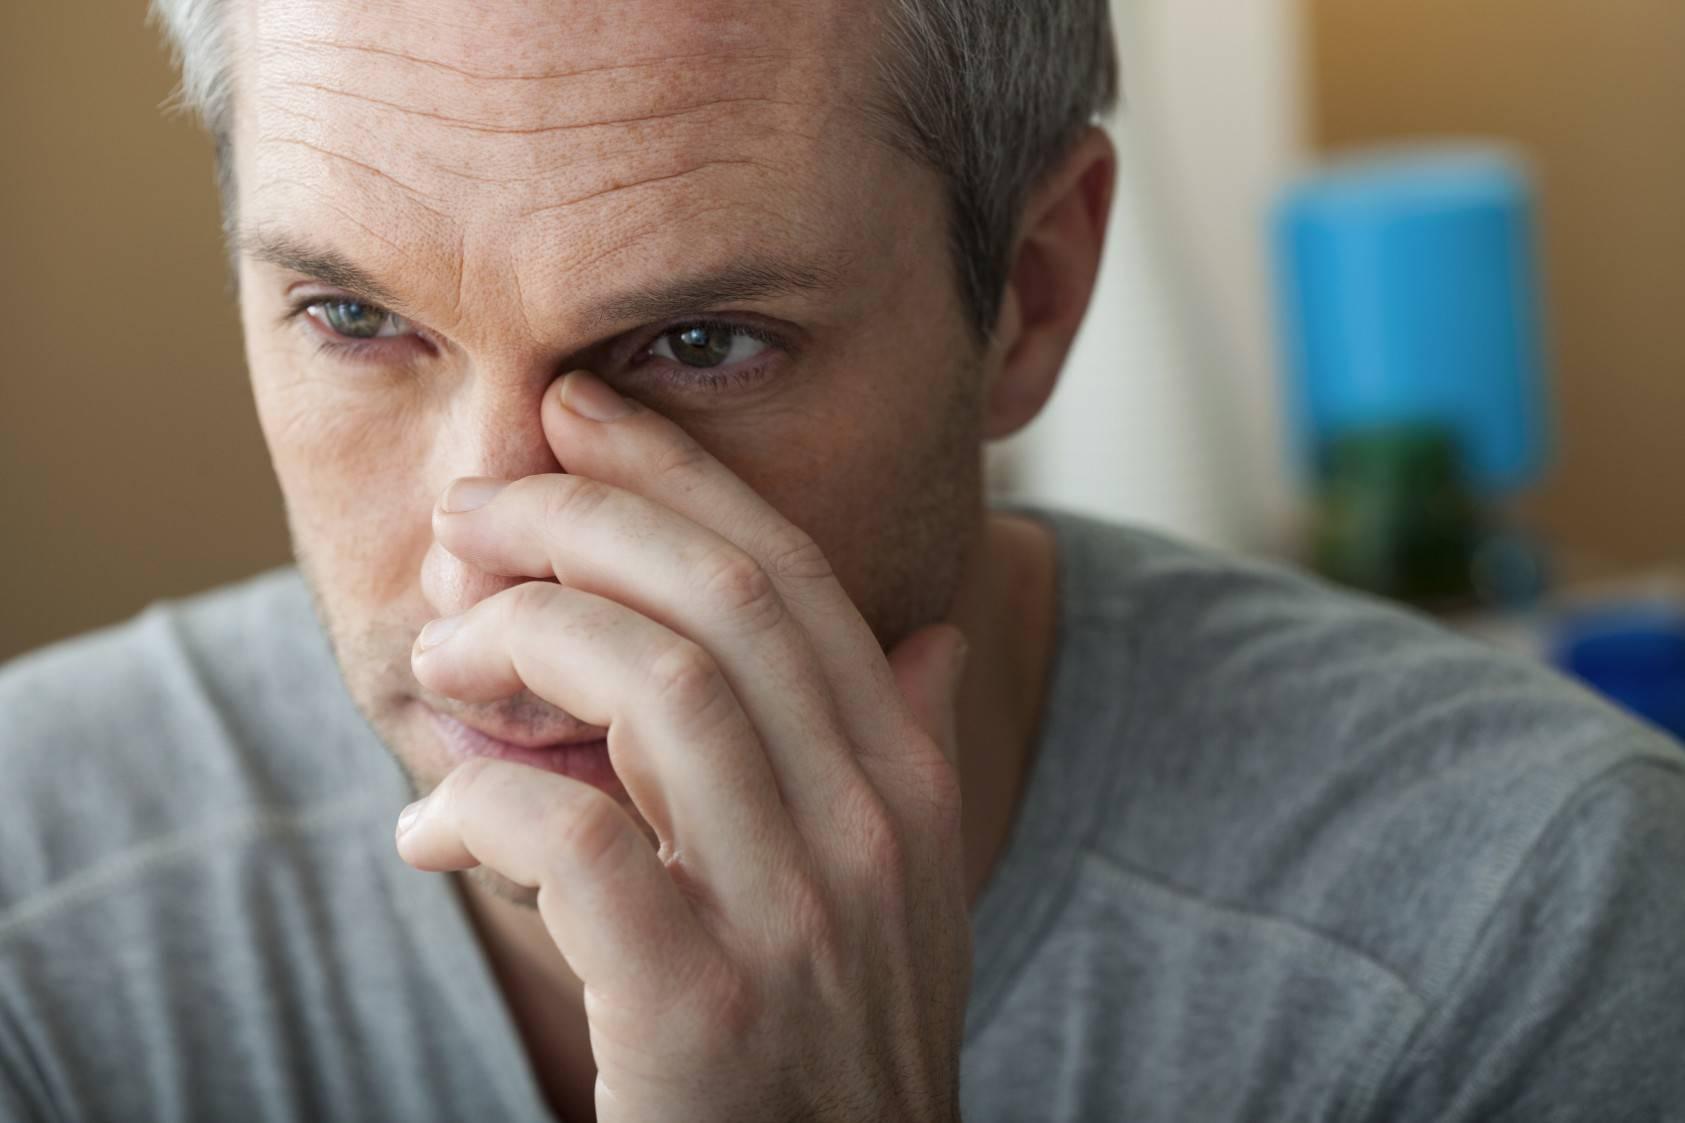 Хороший способ убрать зуд из носа. зуд в носу: как избавиться от неприятного симптома в домашних условиях